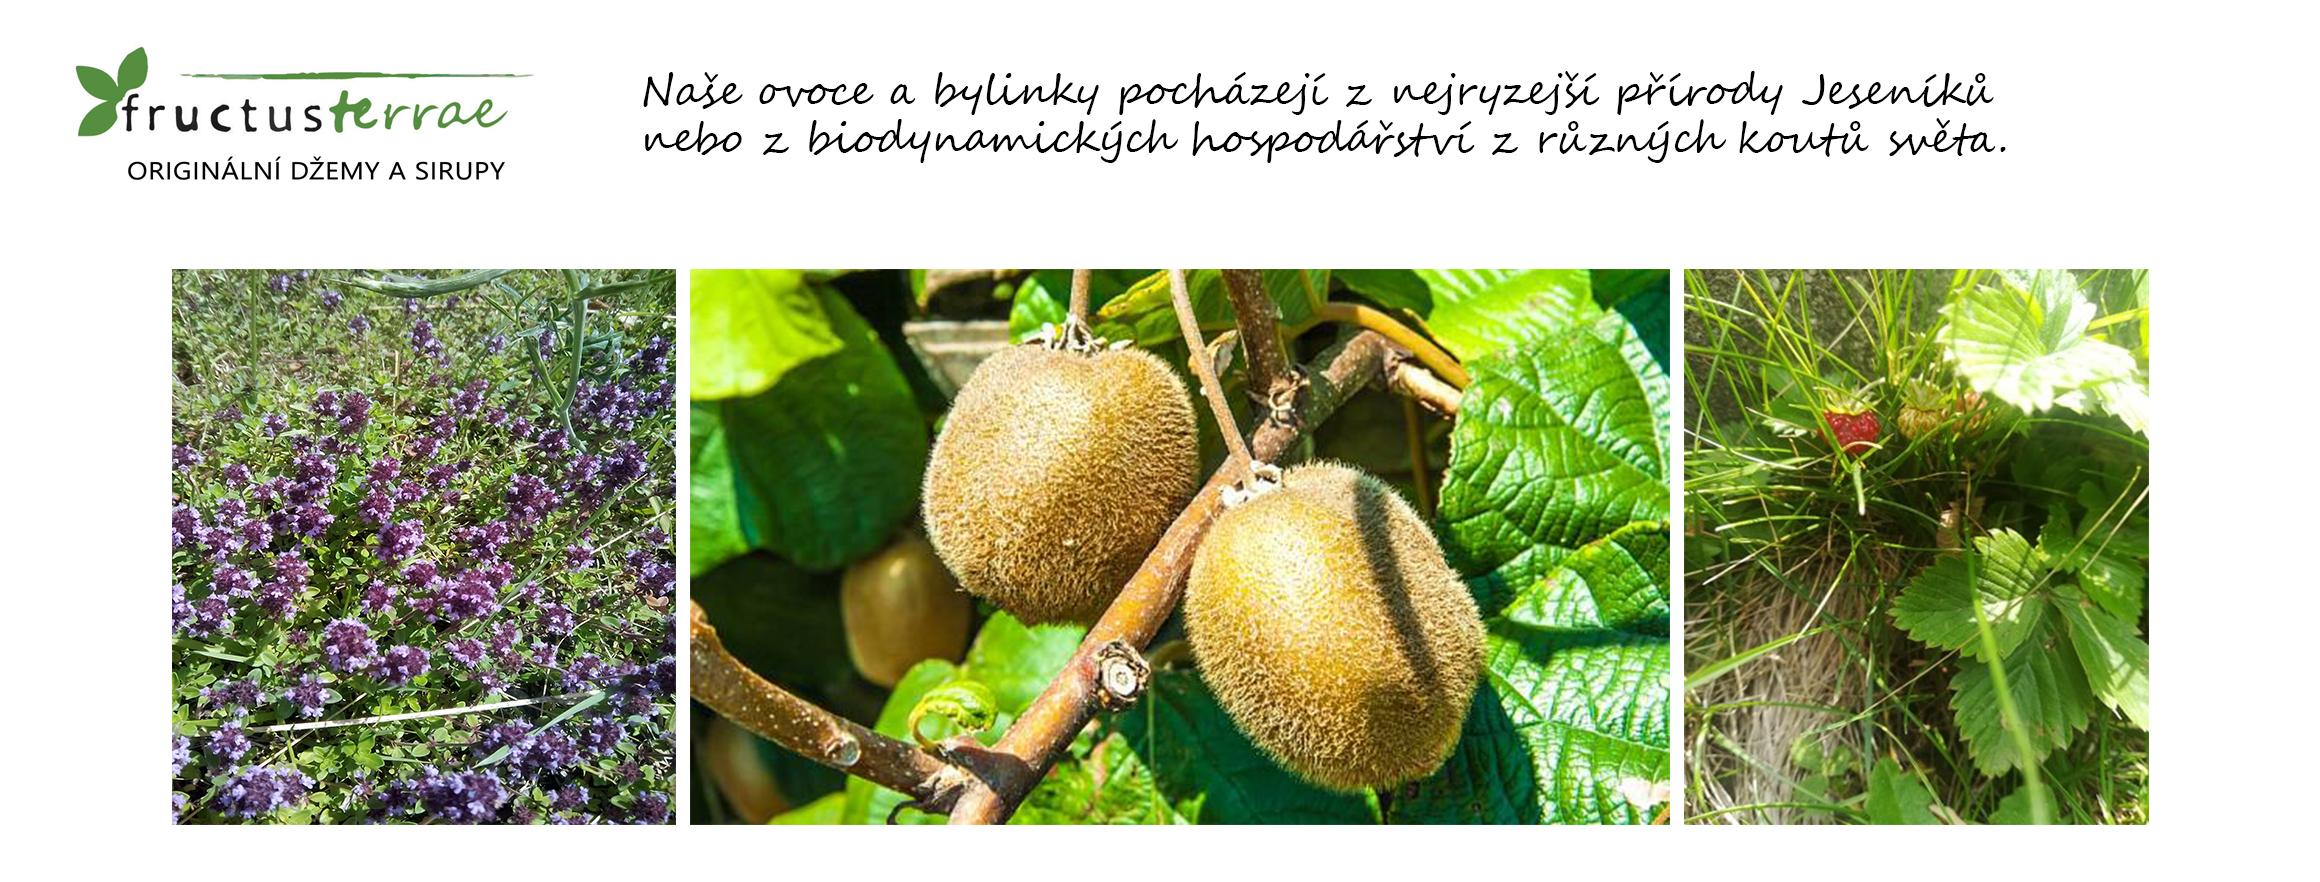 Naše ovoce a bylinky pocházejí z nejryzejší přírody Jeseníků nebo z biodynamických hospodářství z různých koutů světa.